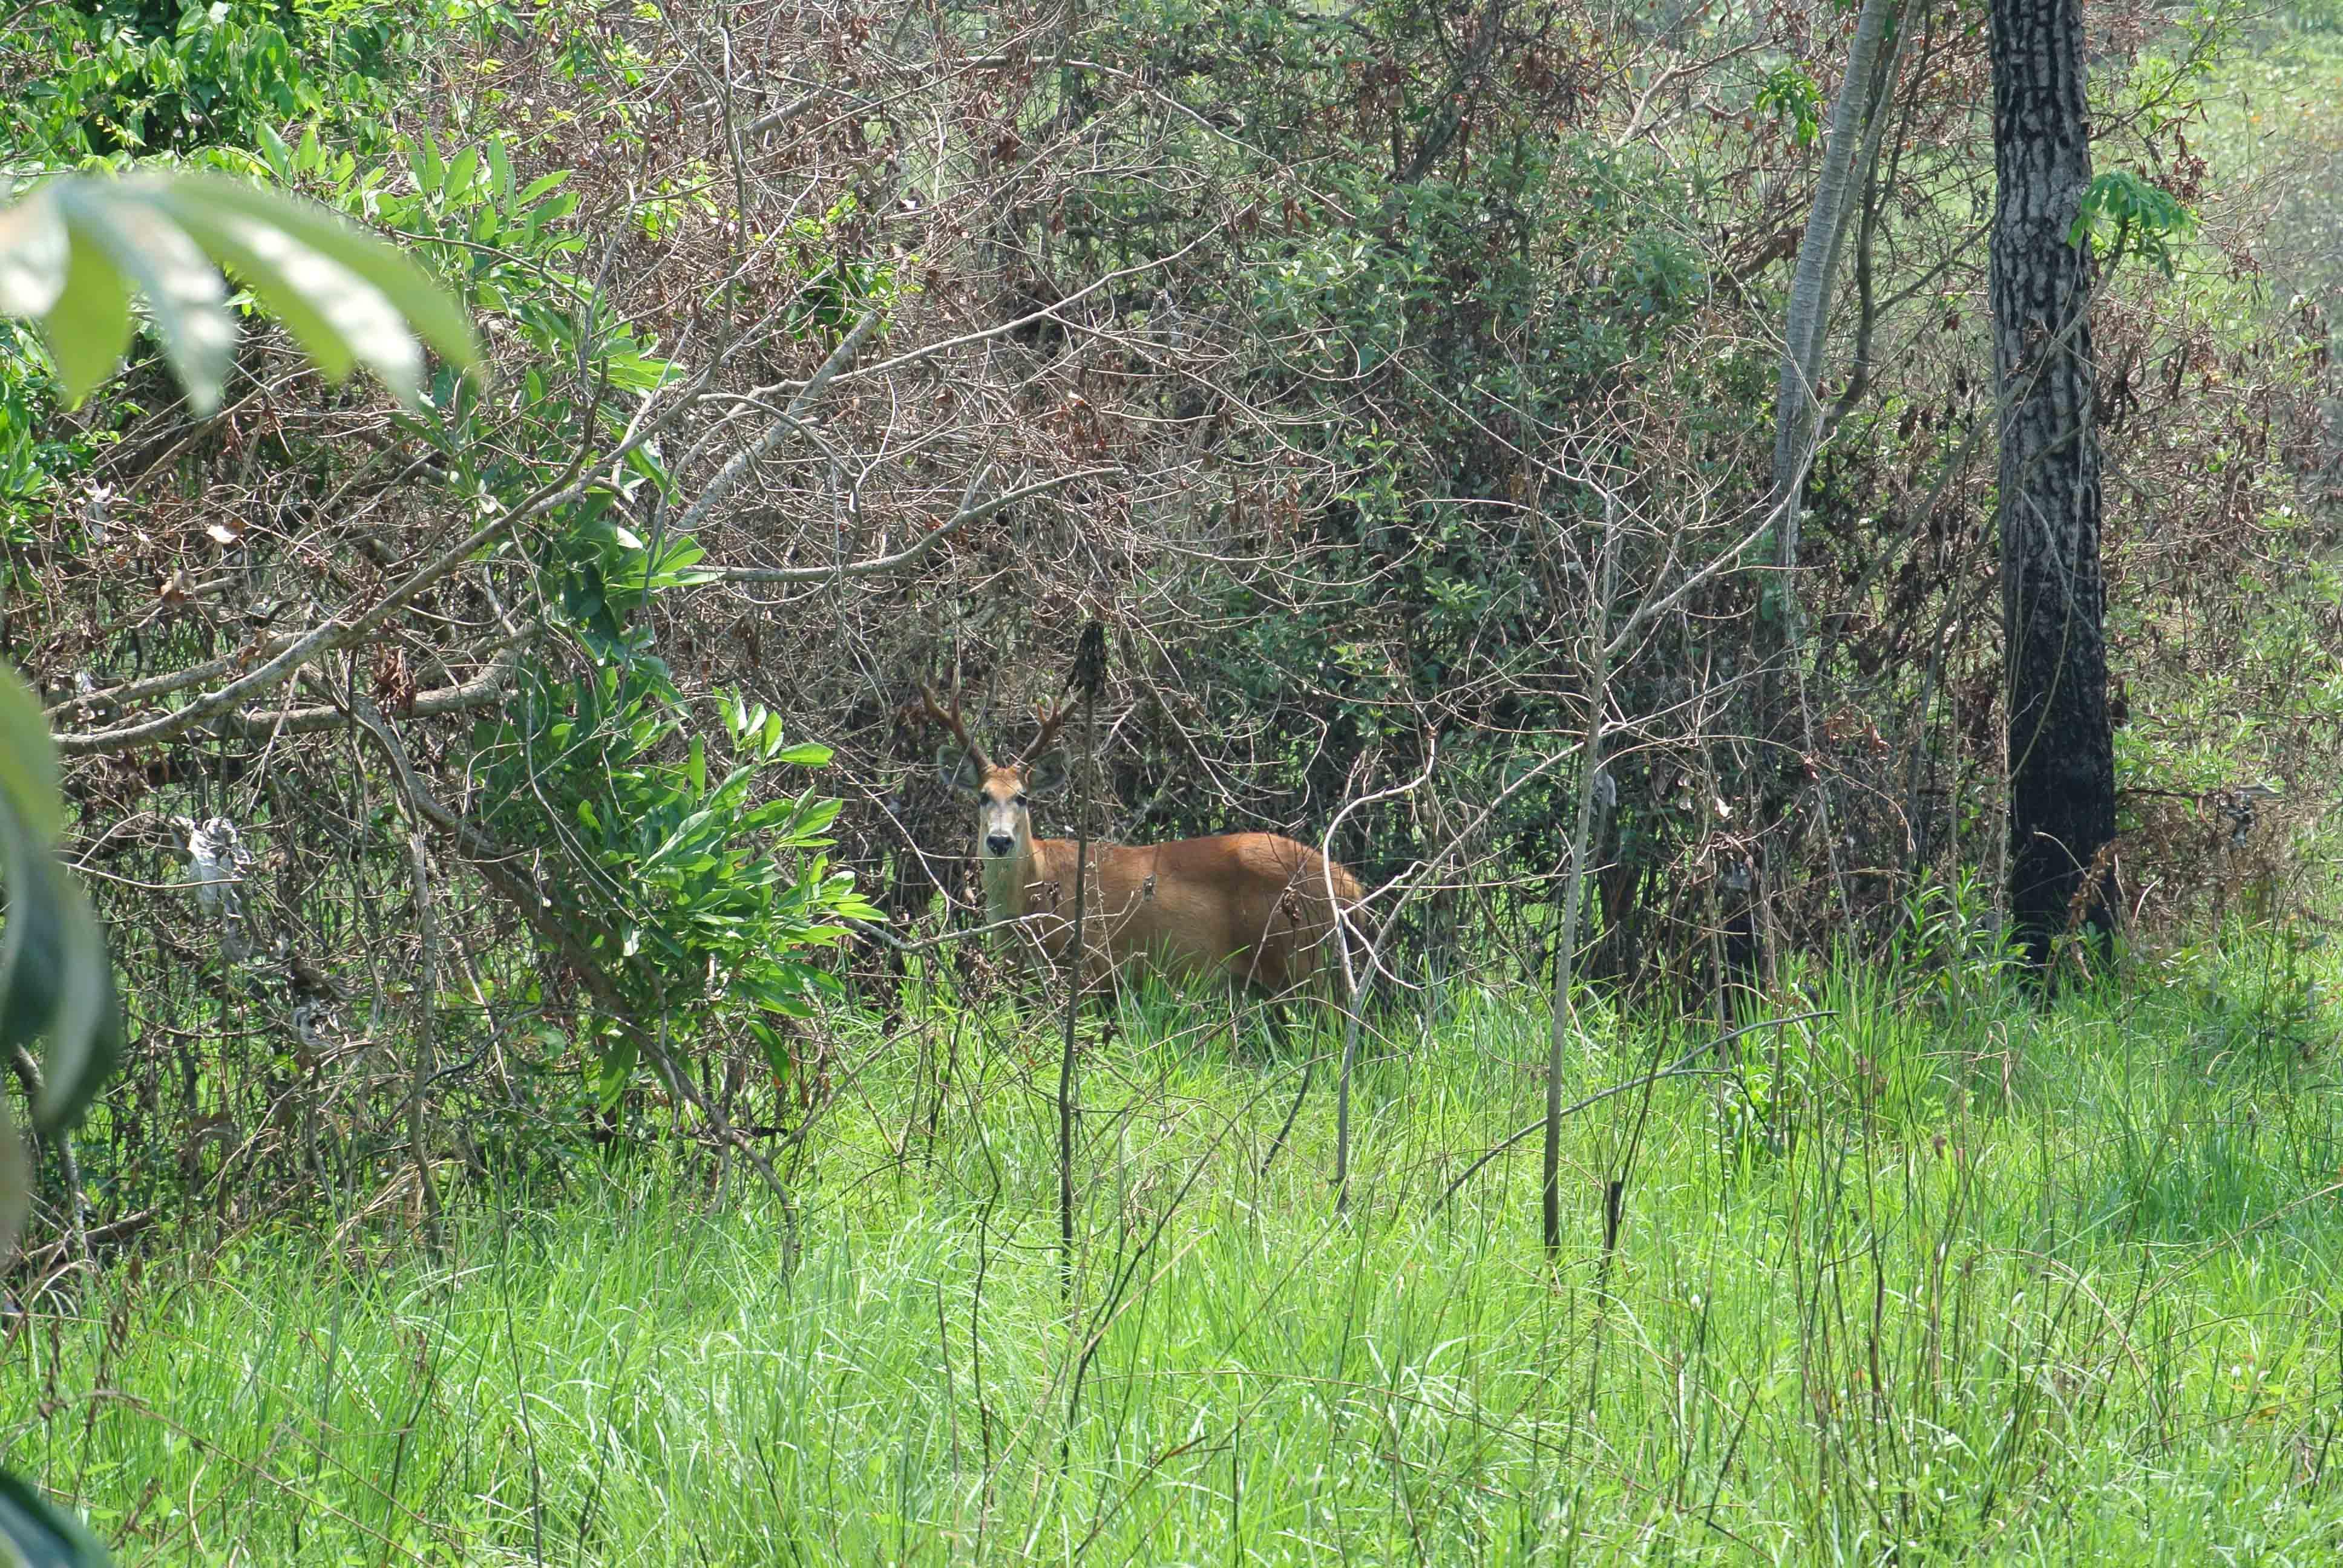 026 2309 Pantanal - Passo do Lontra 59JPG